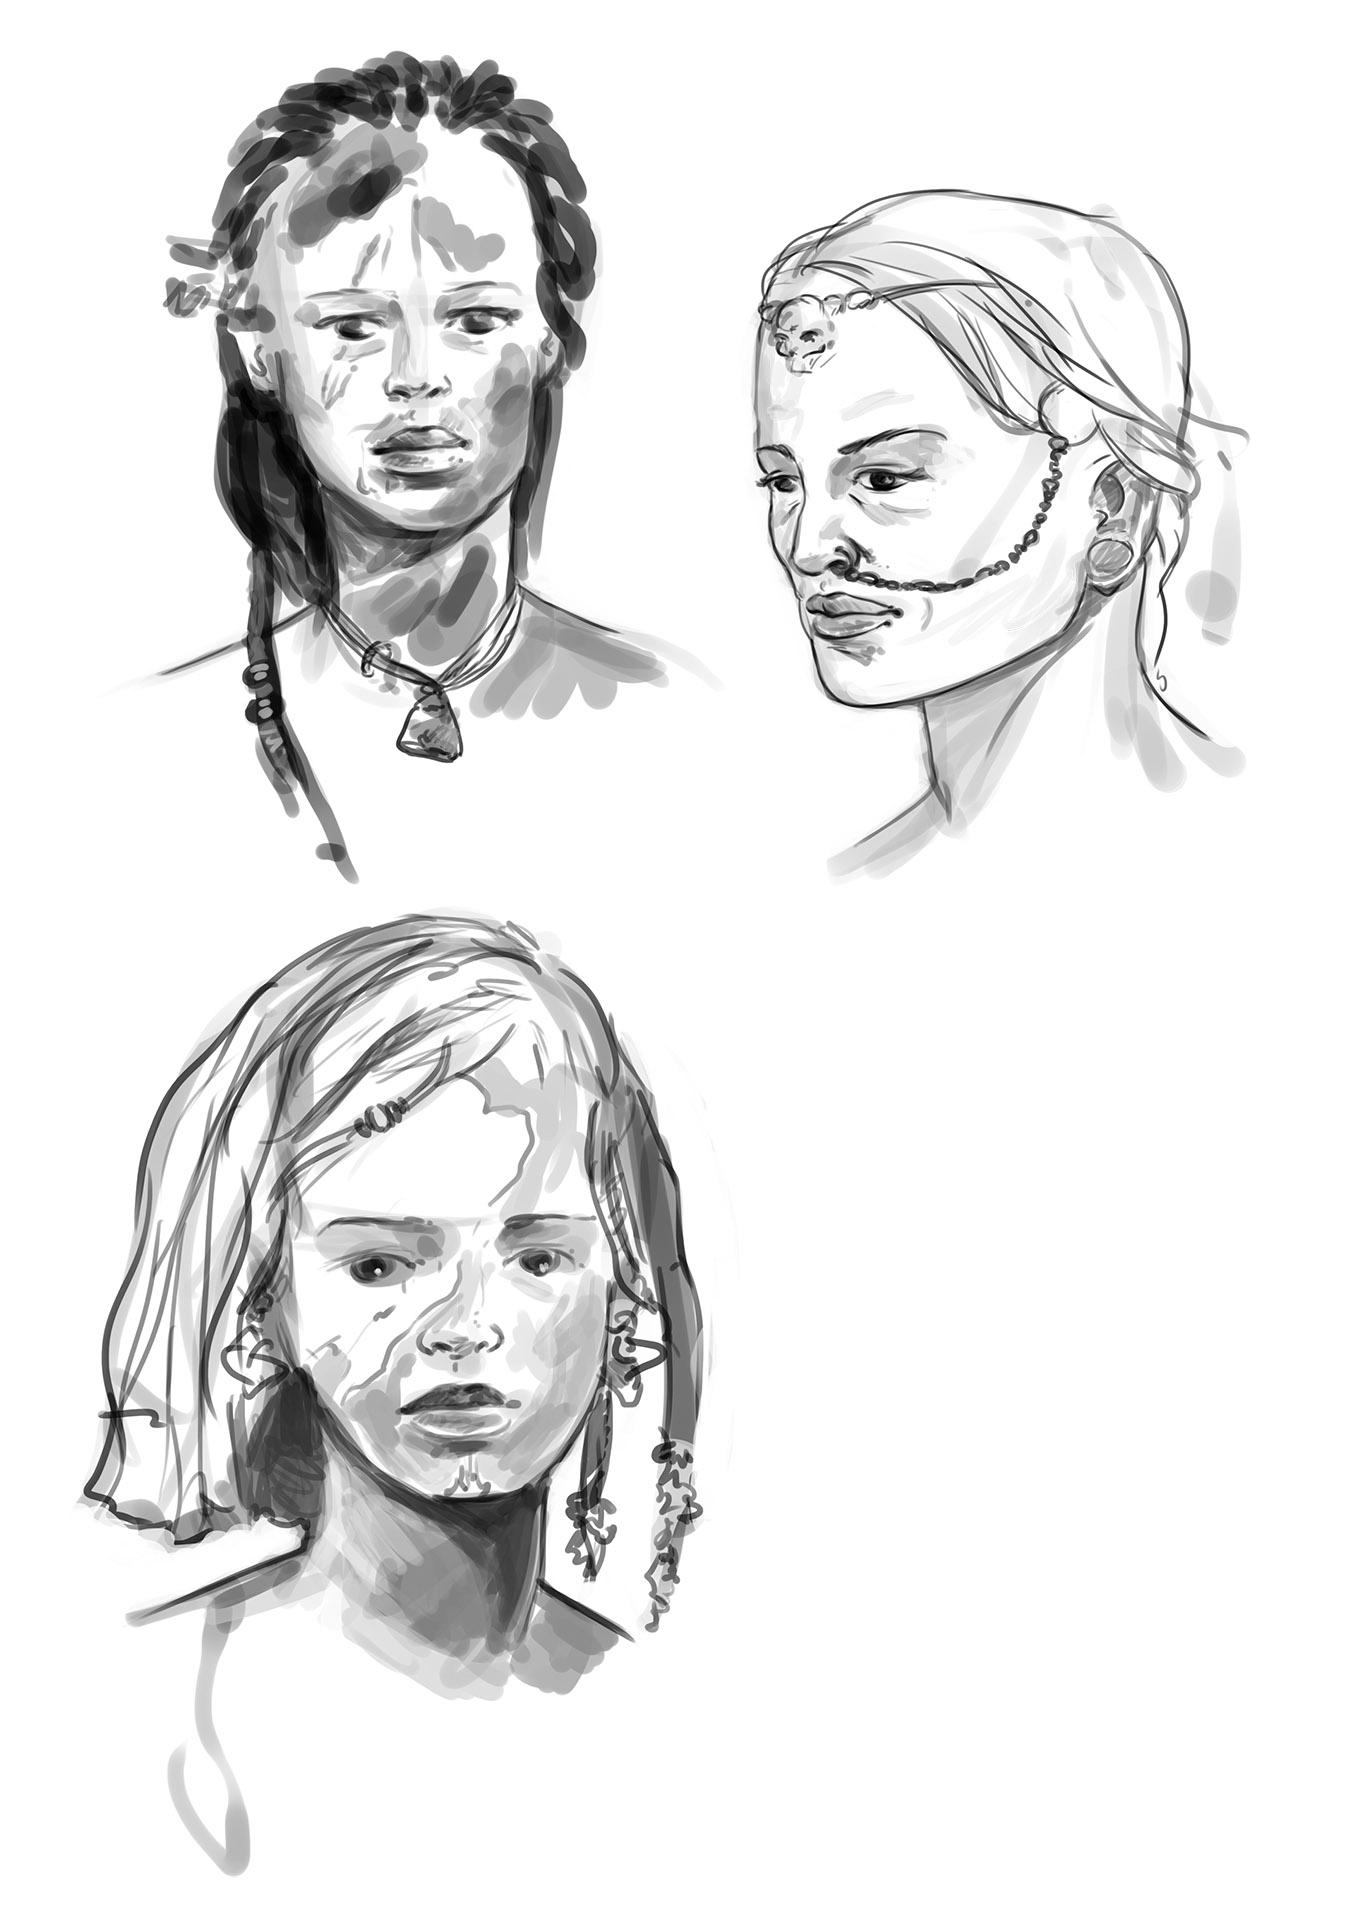 Ch5 - Personnage féminin - concept Et2